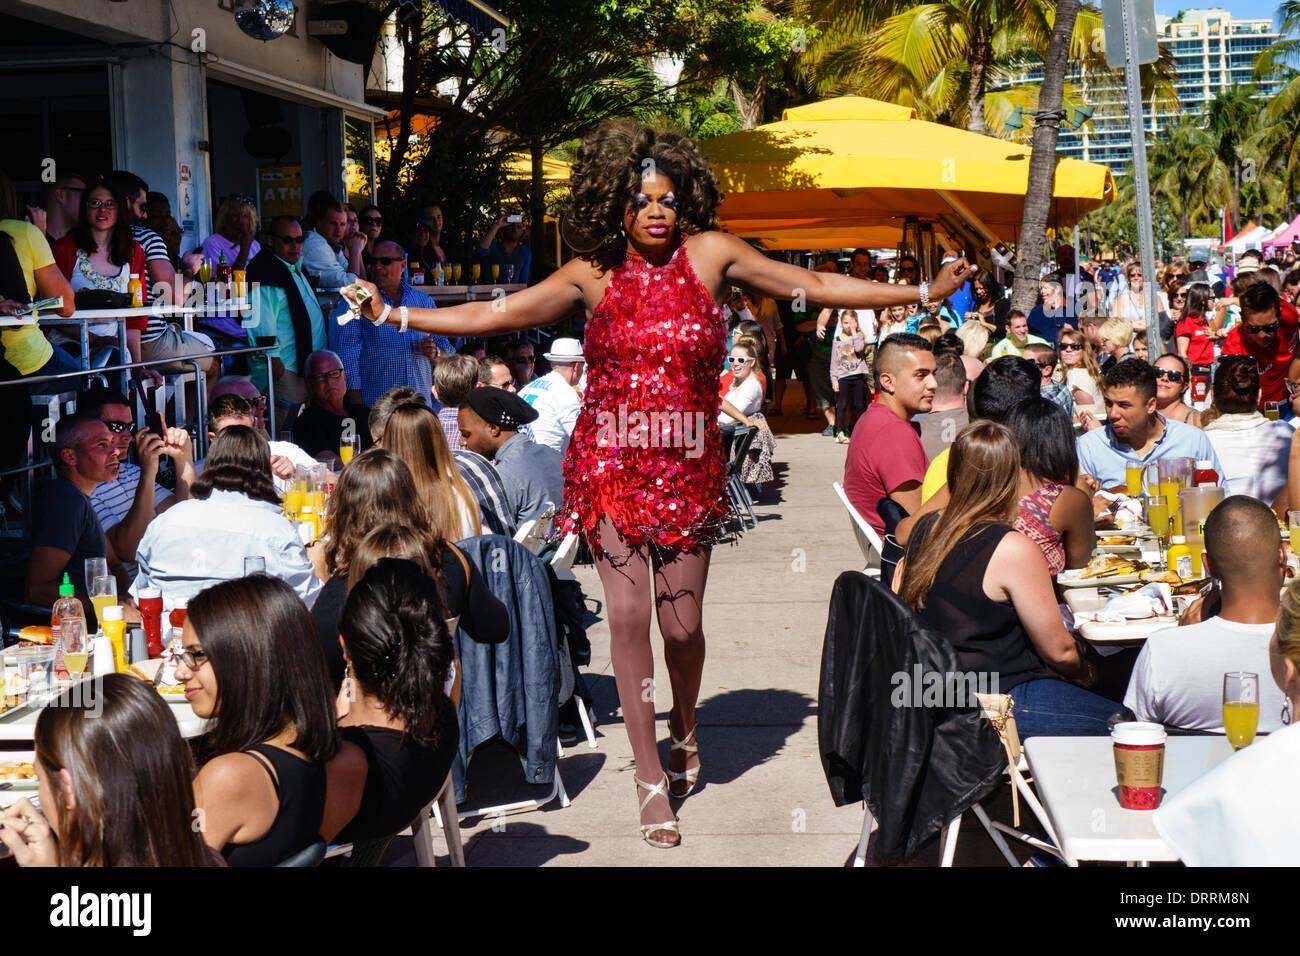 Miami Beach Florida Art Deco de Ocean Drive, la calle festival de fin de semana en el evento Feria Palace Bar restaurante alfresco restaurantes live entertai Imagen De Stock